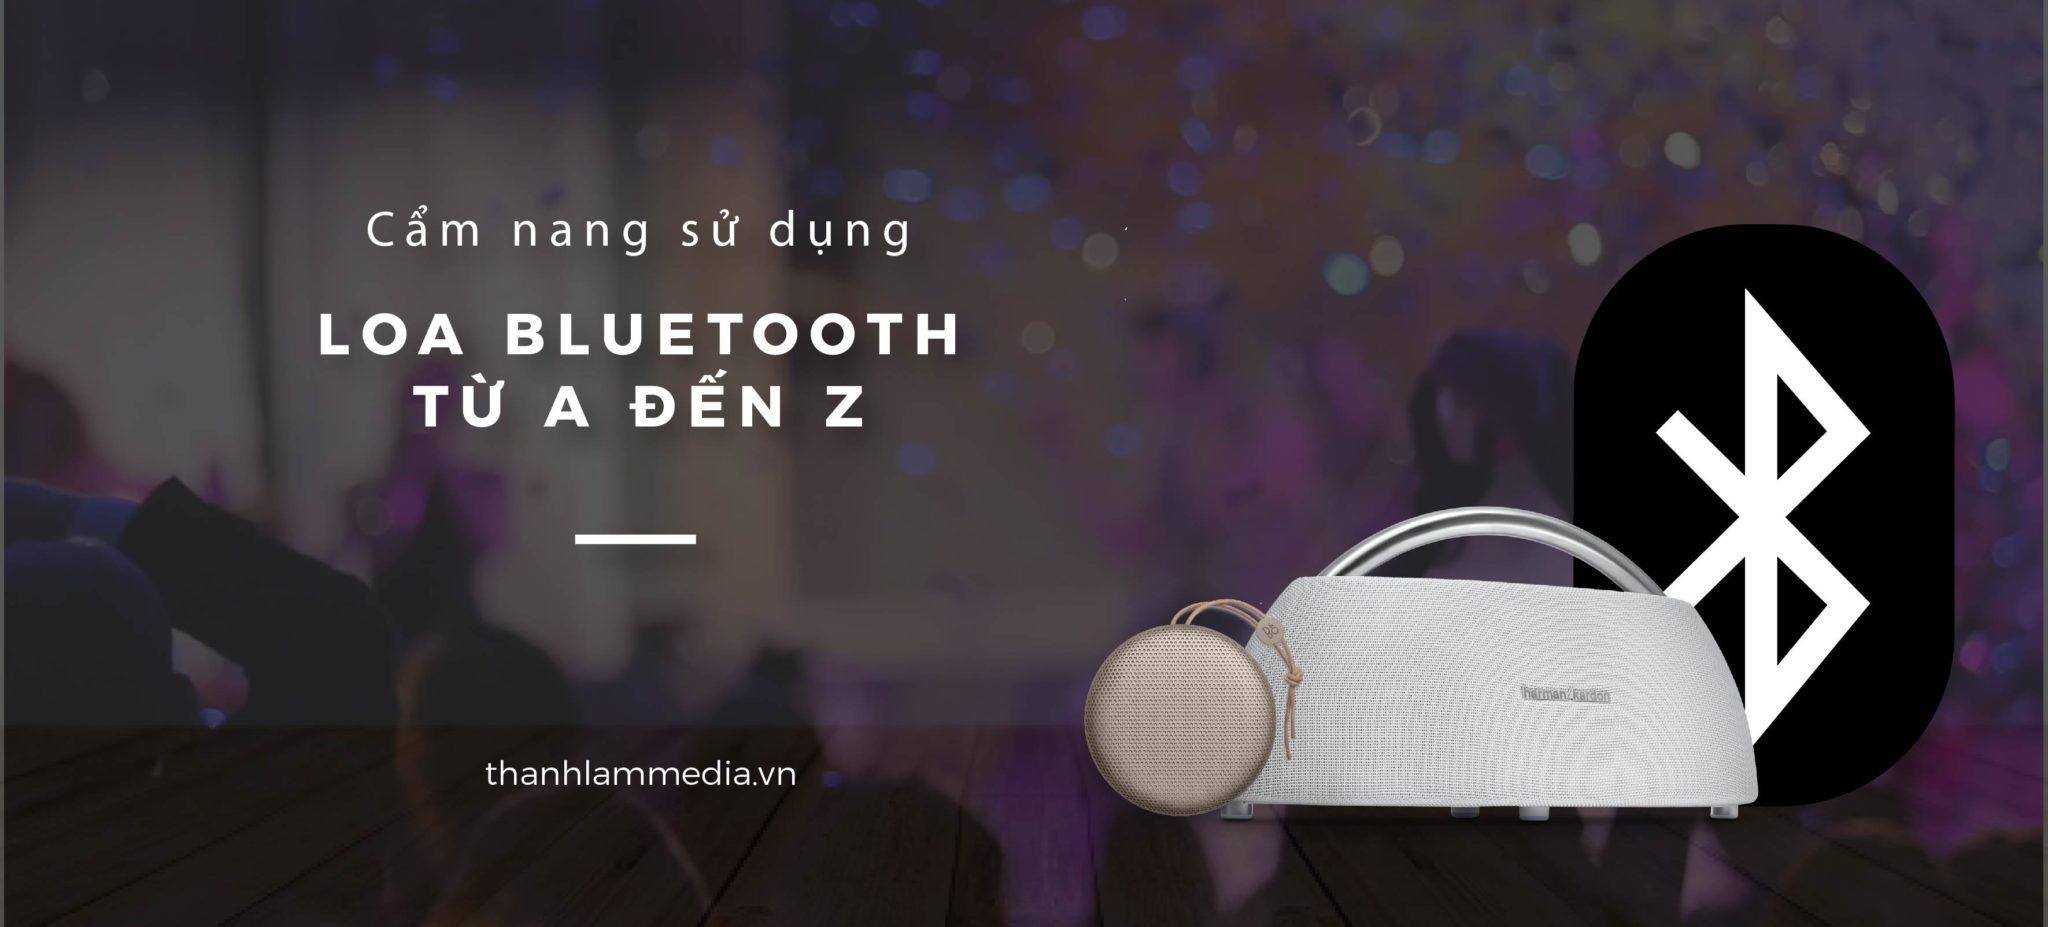 Cẩm nang sử dụng loa Bluetooth - tổng hợp kiến thức về loa bluetooth từ A-Z 1